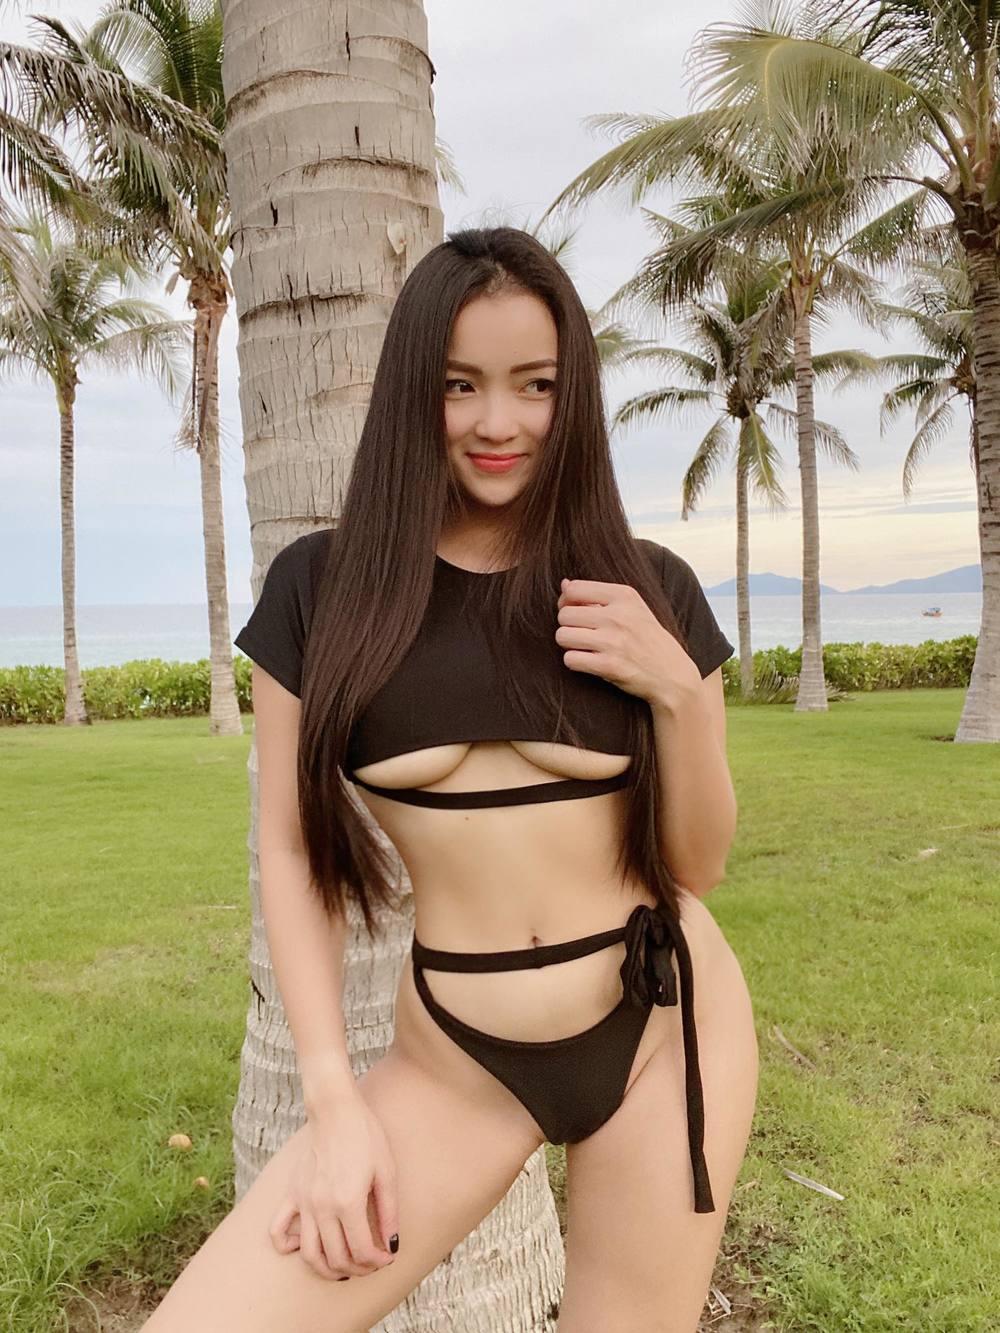 Thủy Top bất ngờ đăng ảnh diện bikini gợi cảm sau thời gian yên ắng - Hình 2